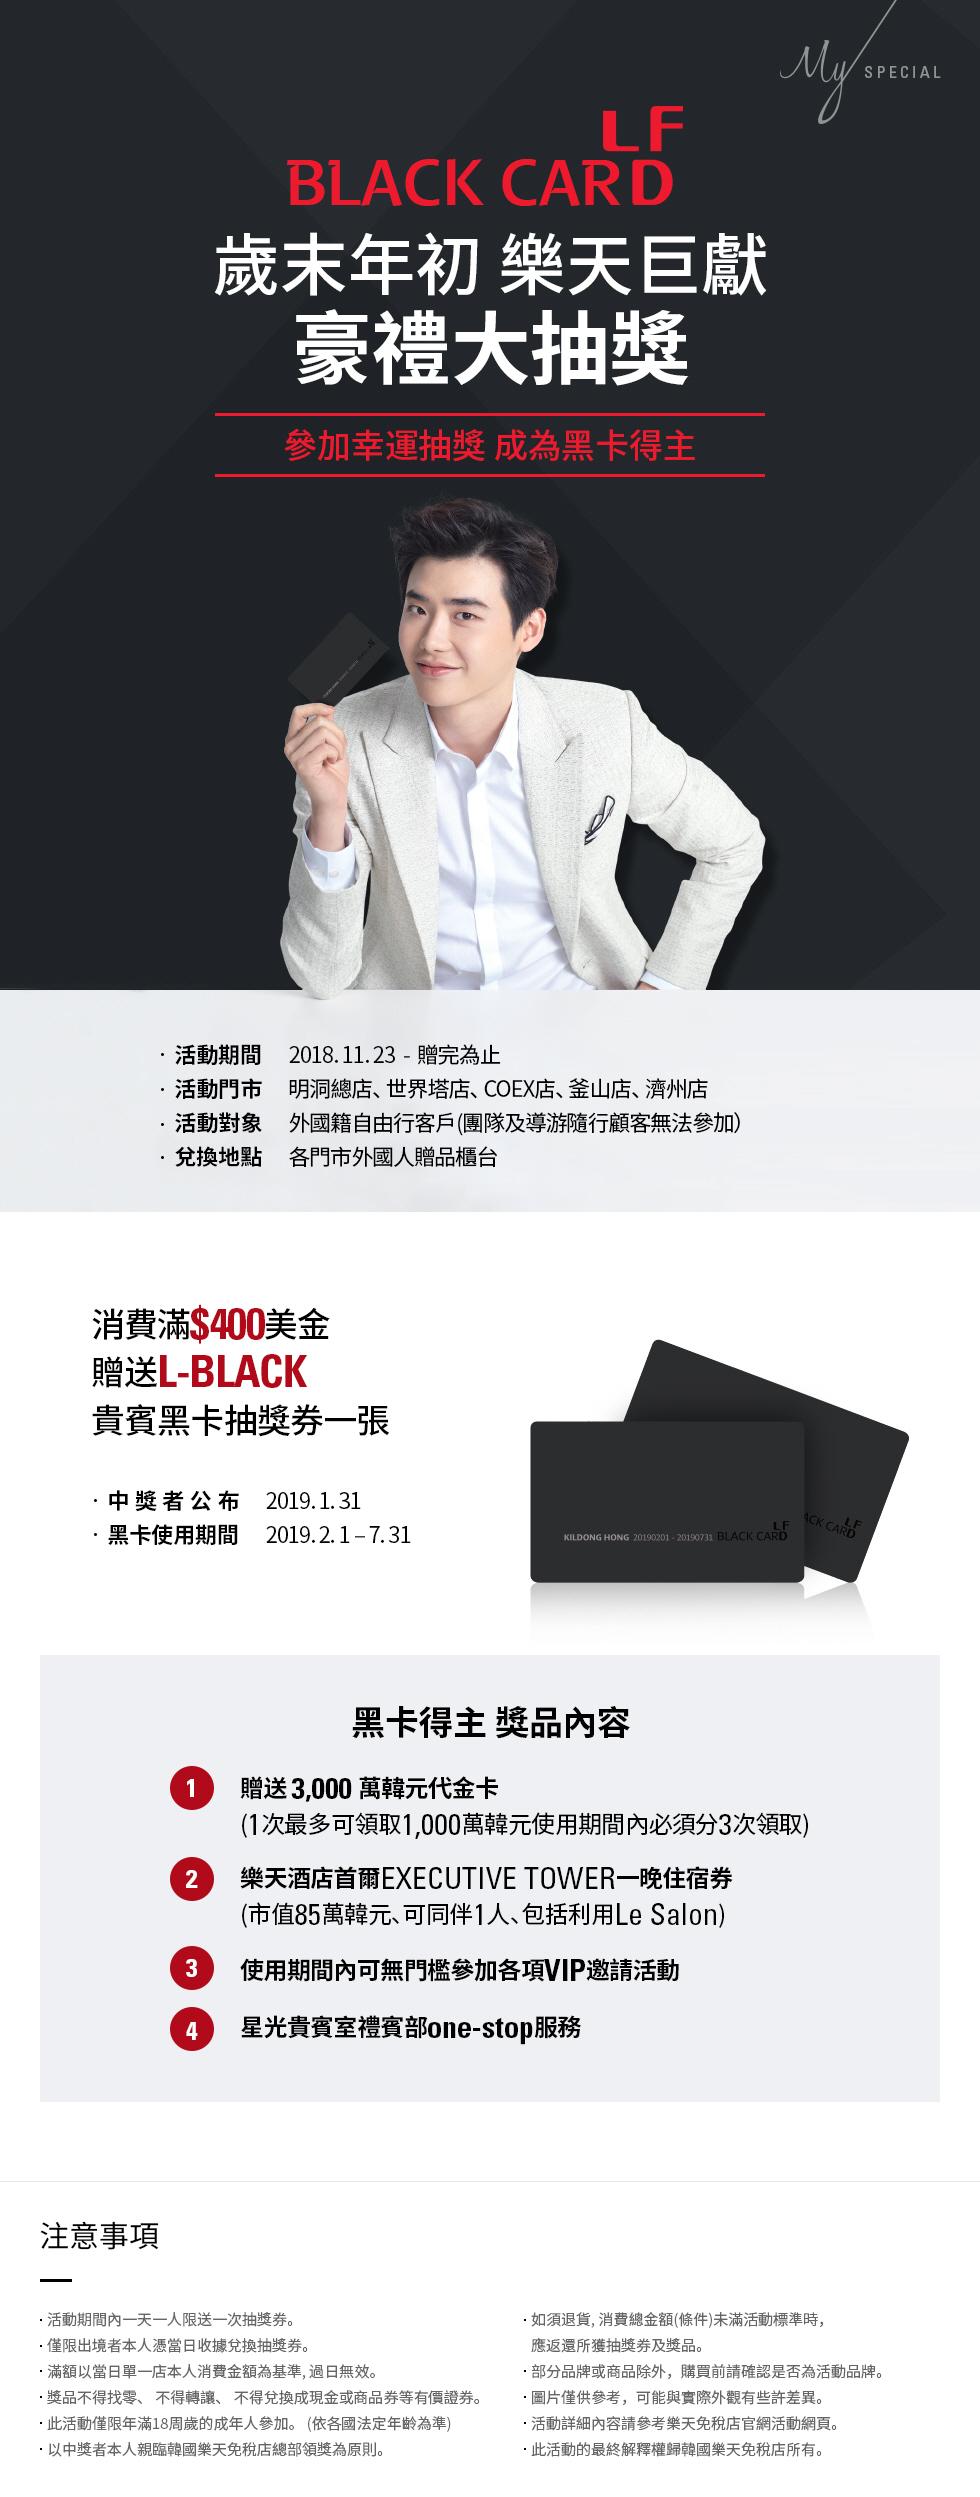 BLACK CARD 냠 歲末年初 樂天巨獻豪禮大抽獎